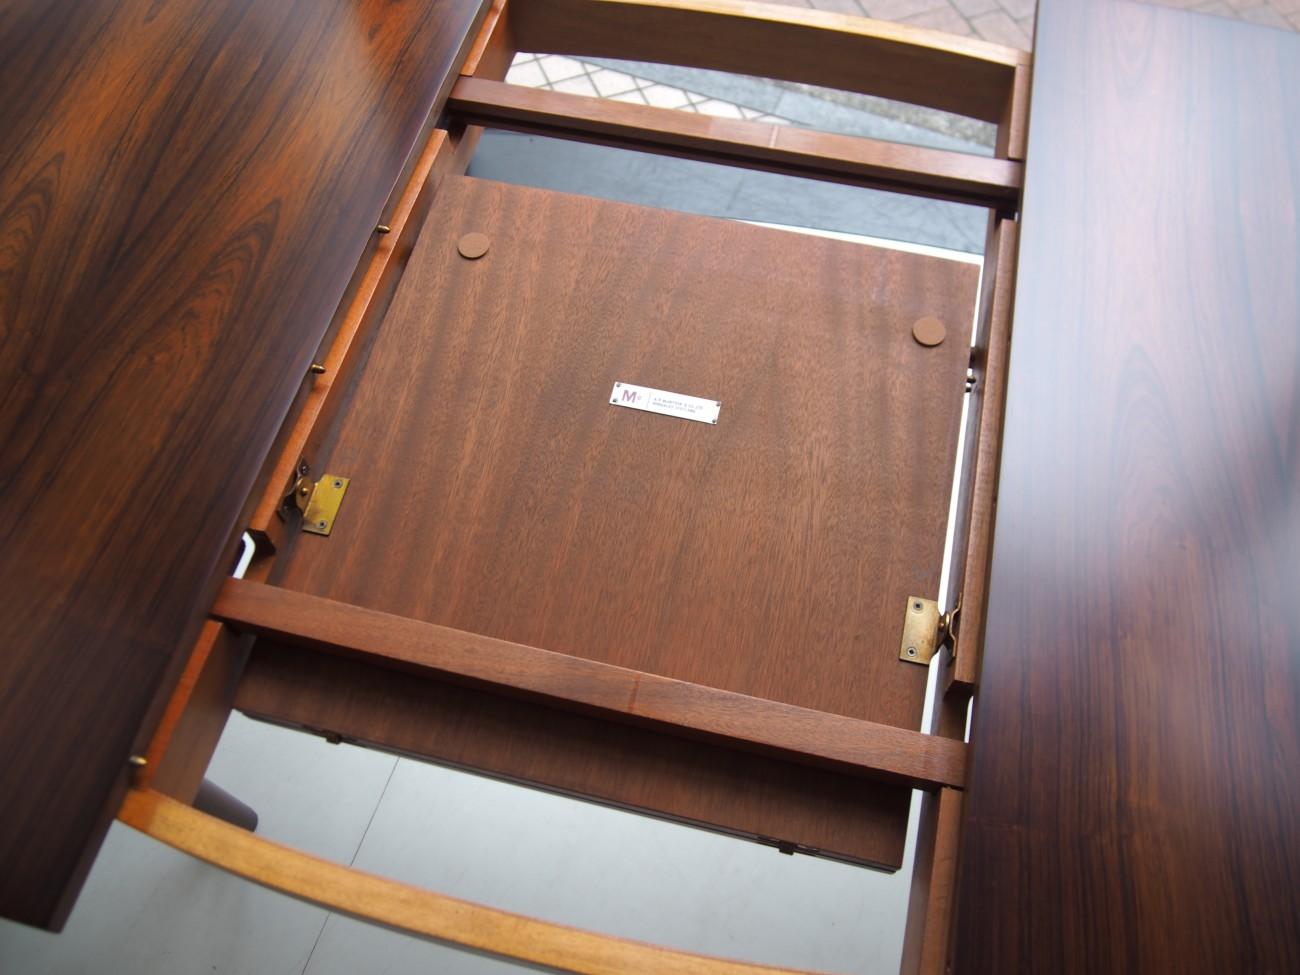 エクステンションダイニングテーブル A.H.McINTOSH(マッキントッシュ) & CO LTD KIRKCALDY SCOTLANDのエクステンション収納部分